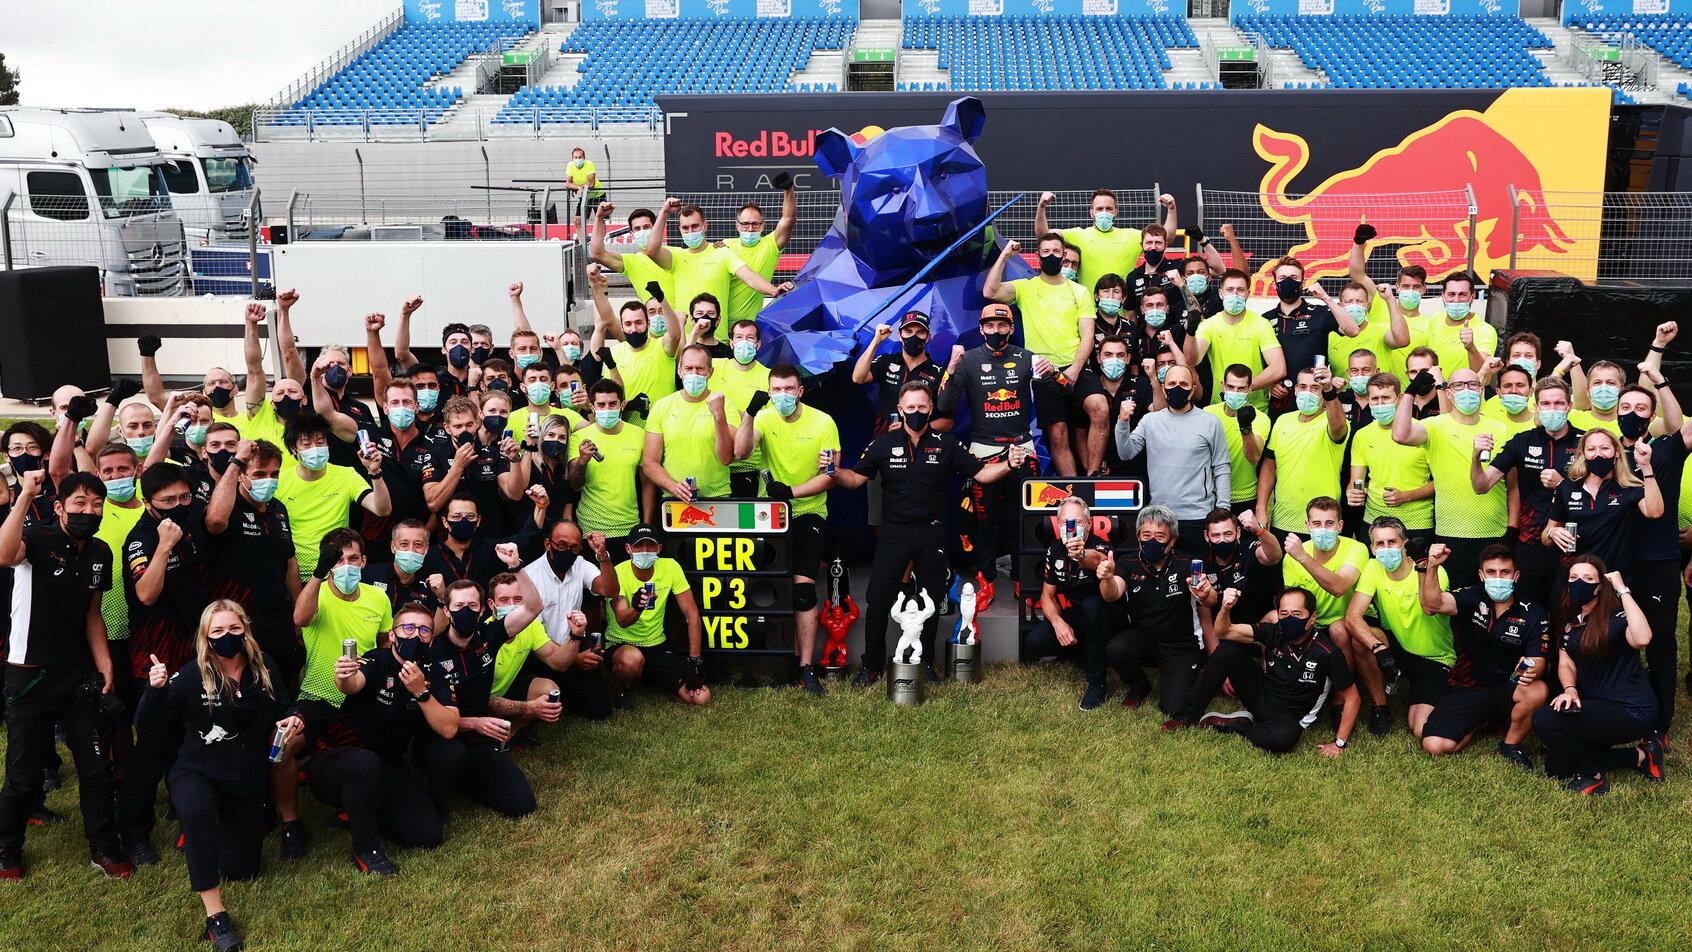 Vítězný tým Red Bull po závodě ve Francii